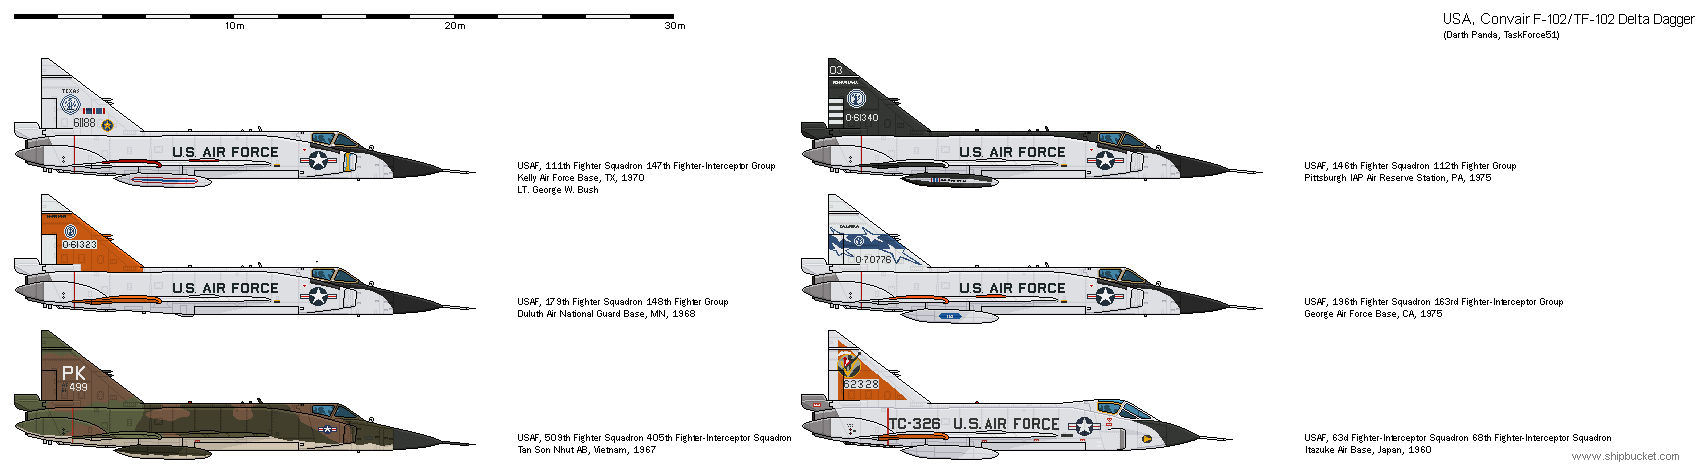 FD-Scale Convair 8 F-102 Delta Dagger - USA